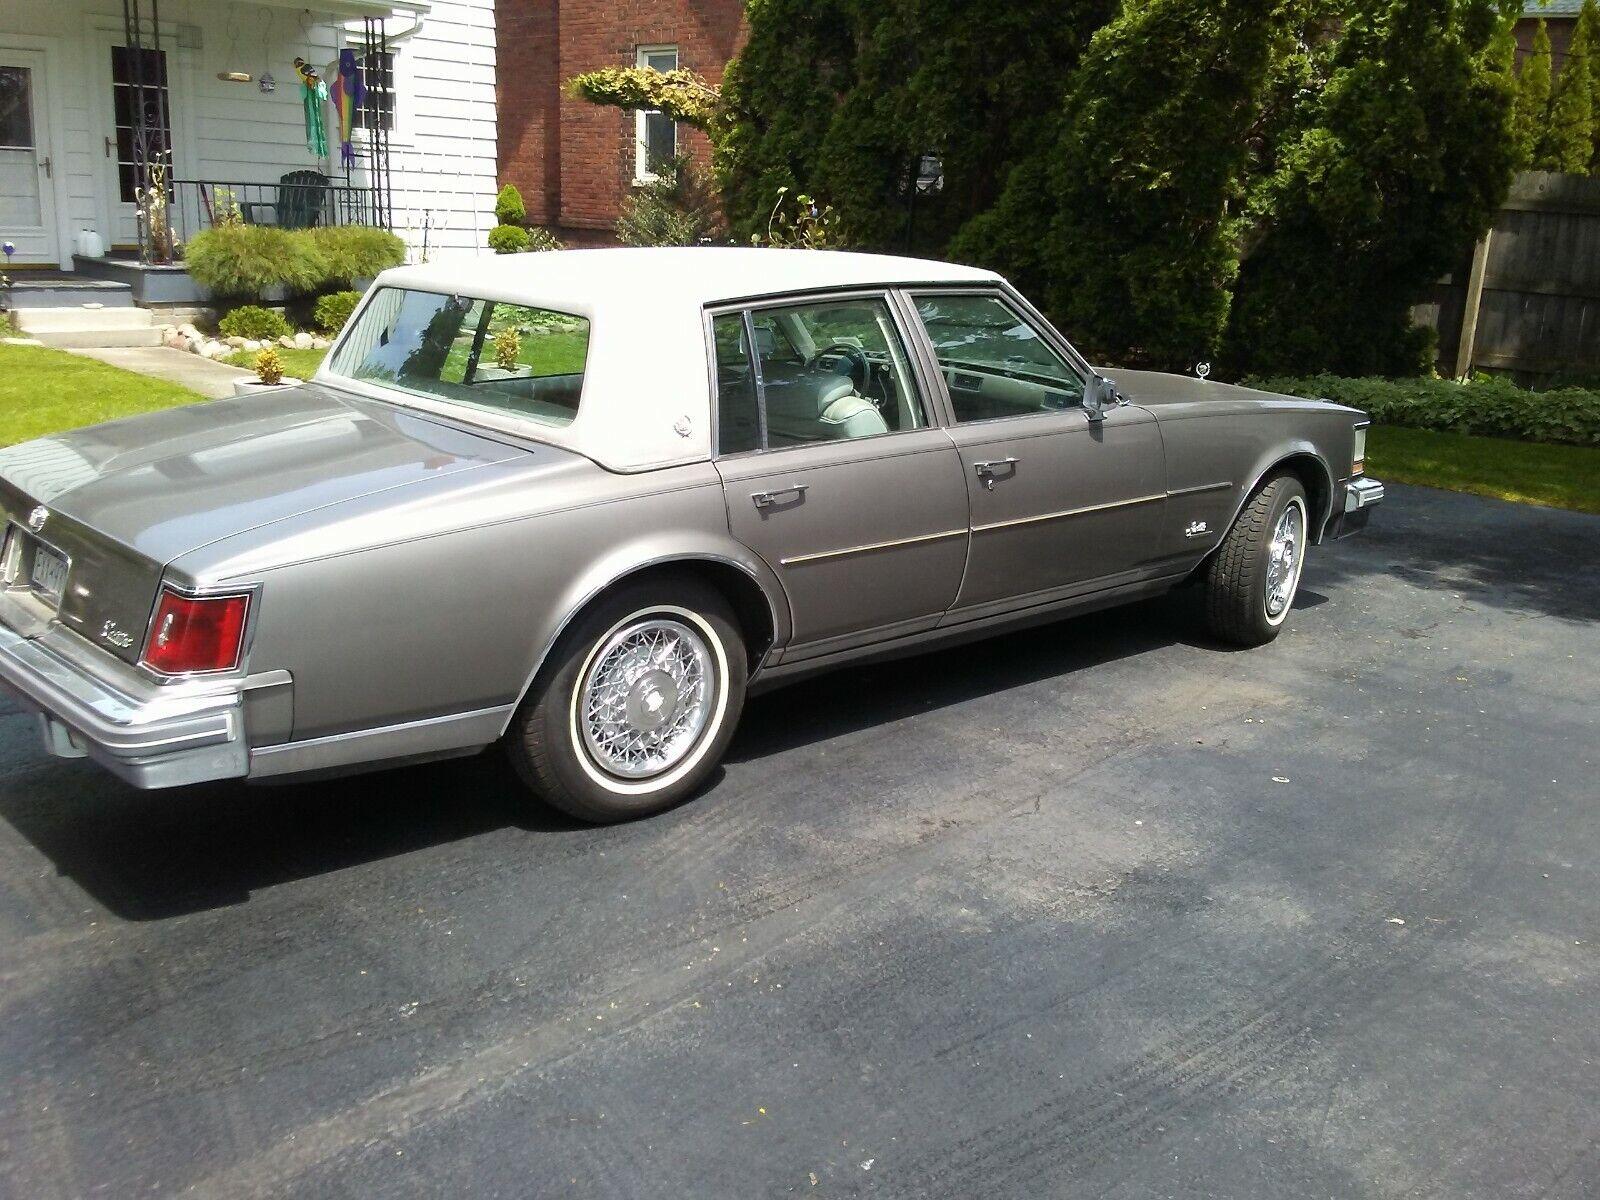 1978 Cadillac Seville  1978 Cadillac Seville 61K $9000 or make offer